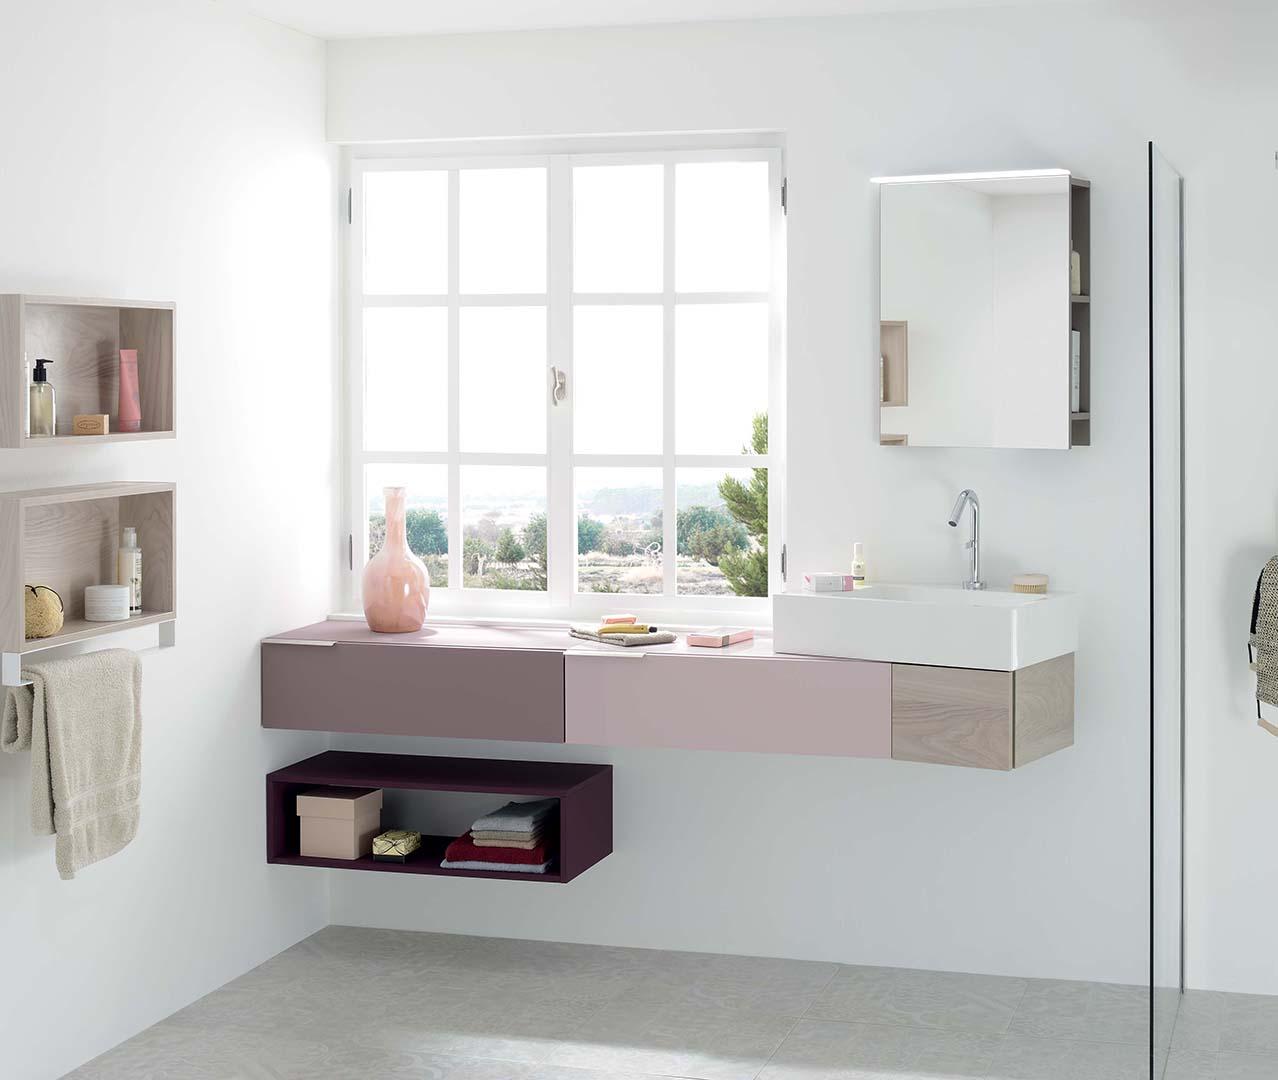 Gamme Vertigo, salle de bain design, meuble SDB – Sanijura